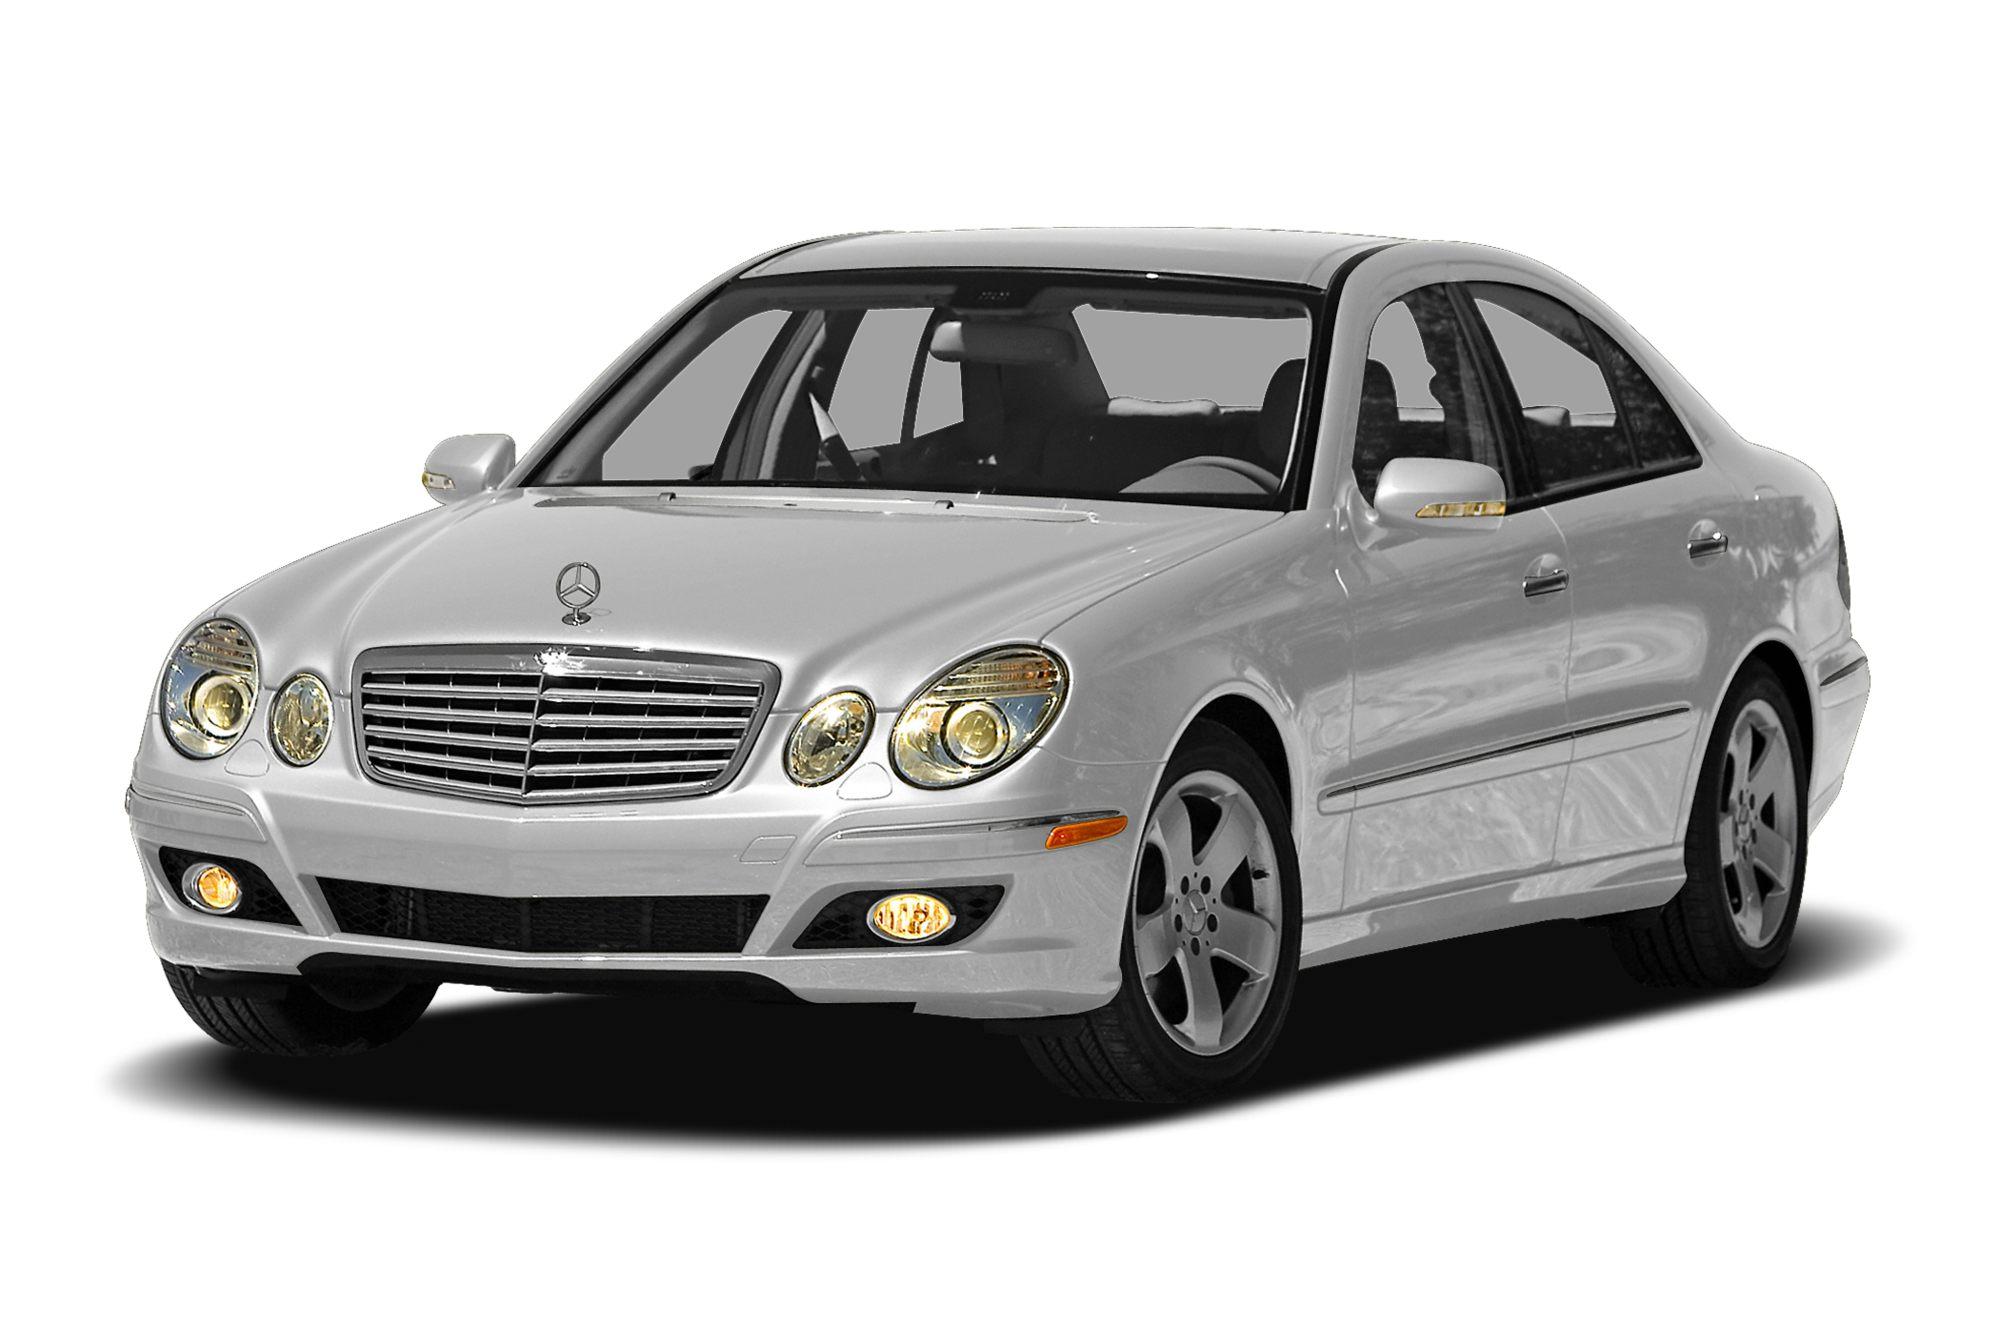 2001-2011 Mercedes-Benz C-Class, CLK, CLS, E-Class: Recall Alert